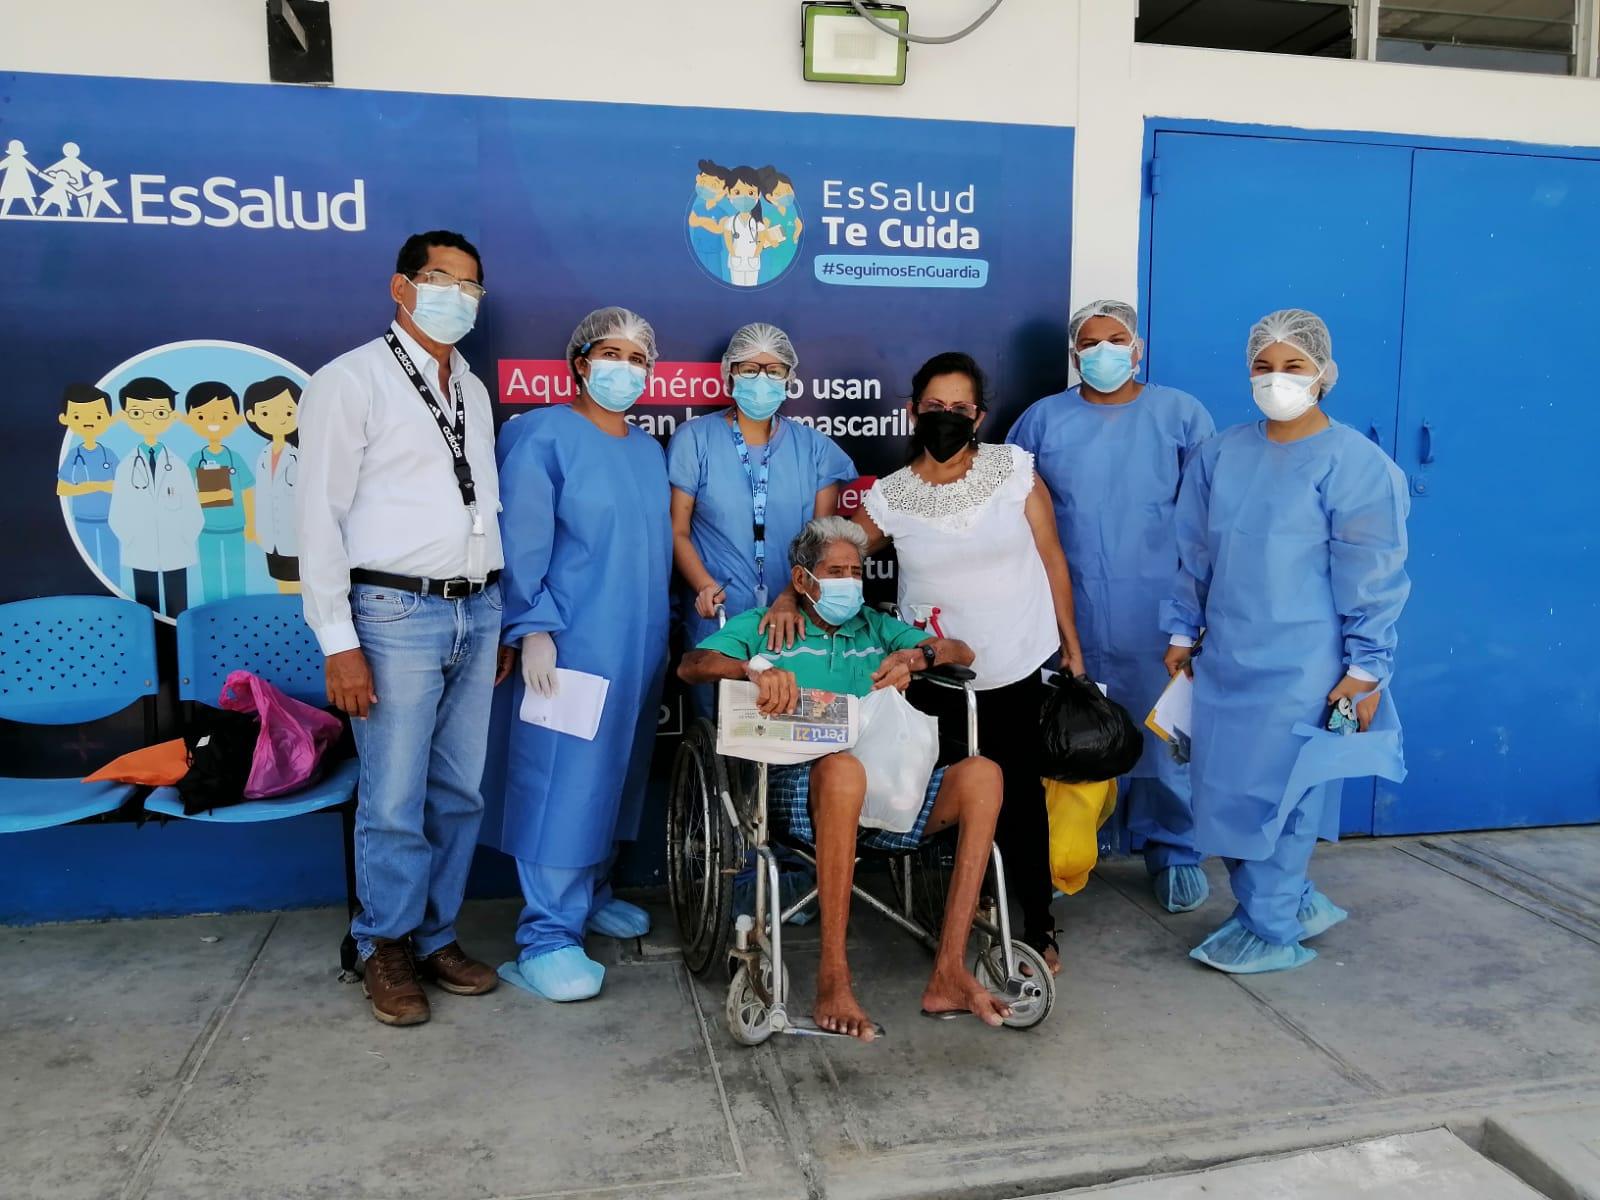 Essalud - Gracias al uso de la oxigenoterapia asegurados de EsSalud que viven en zona de frontera vencieron al Covid-19